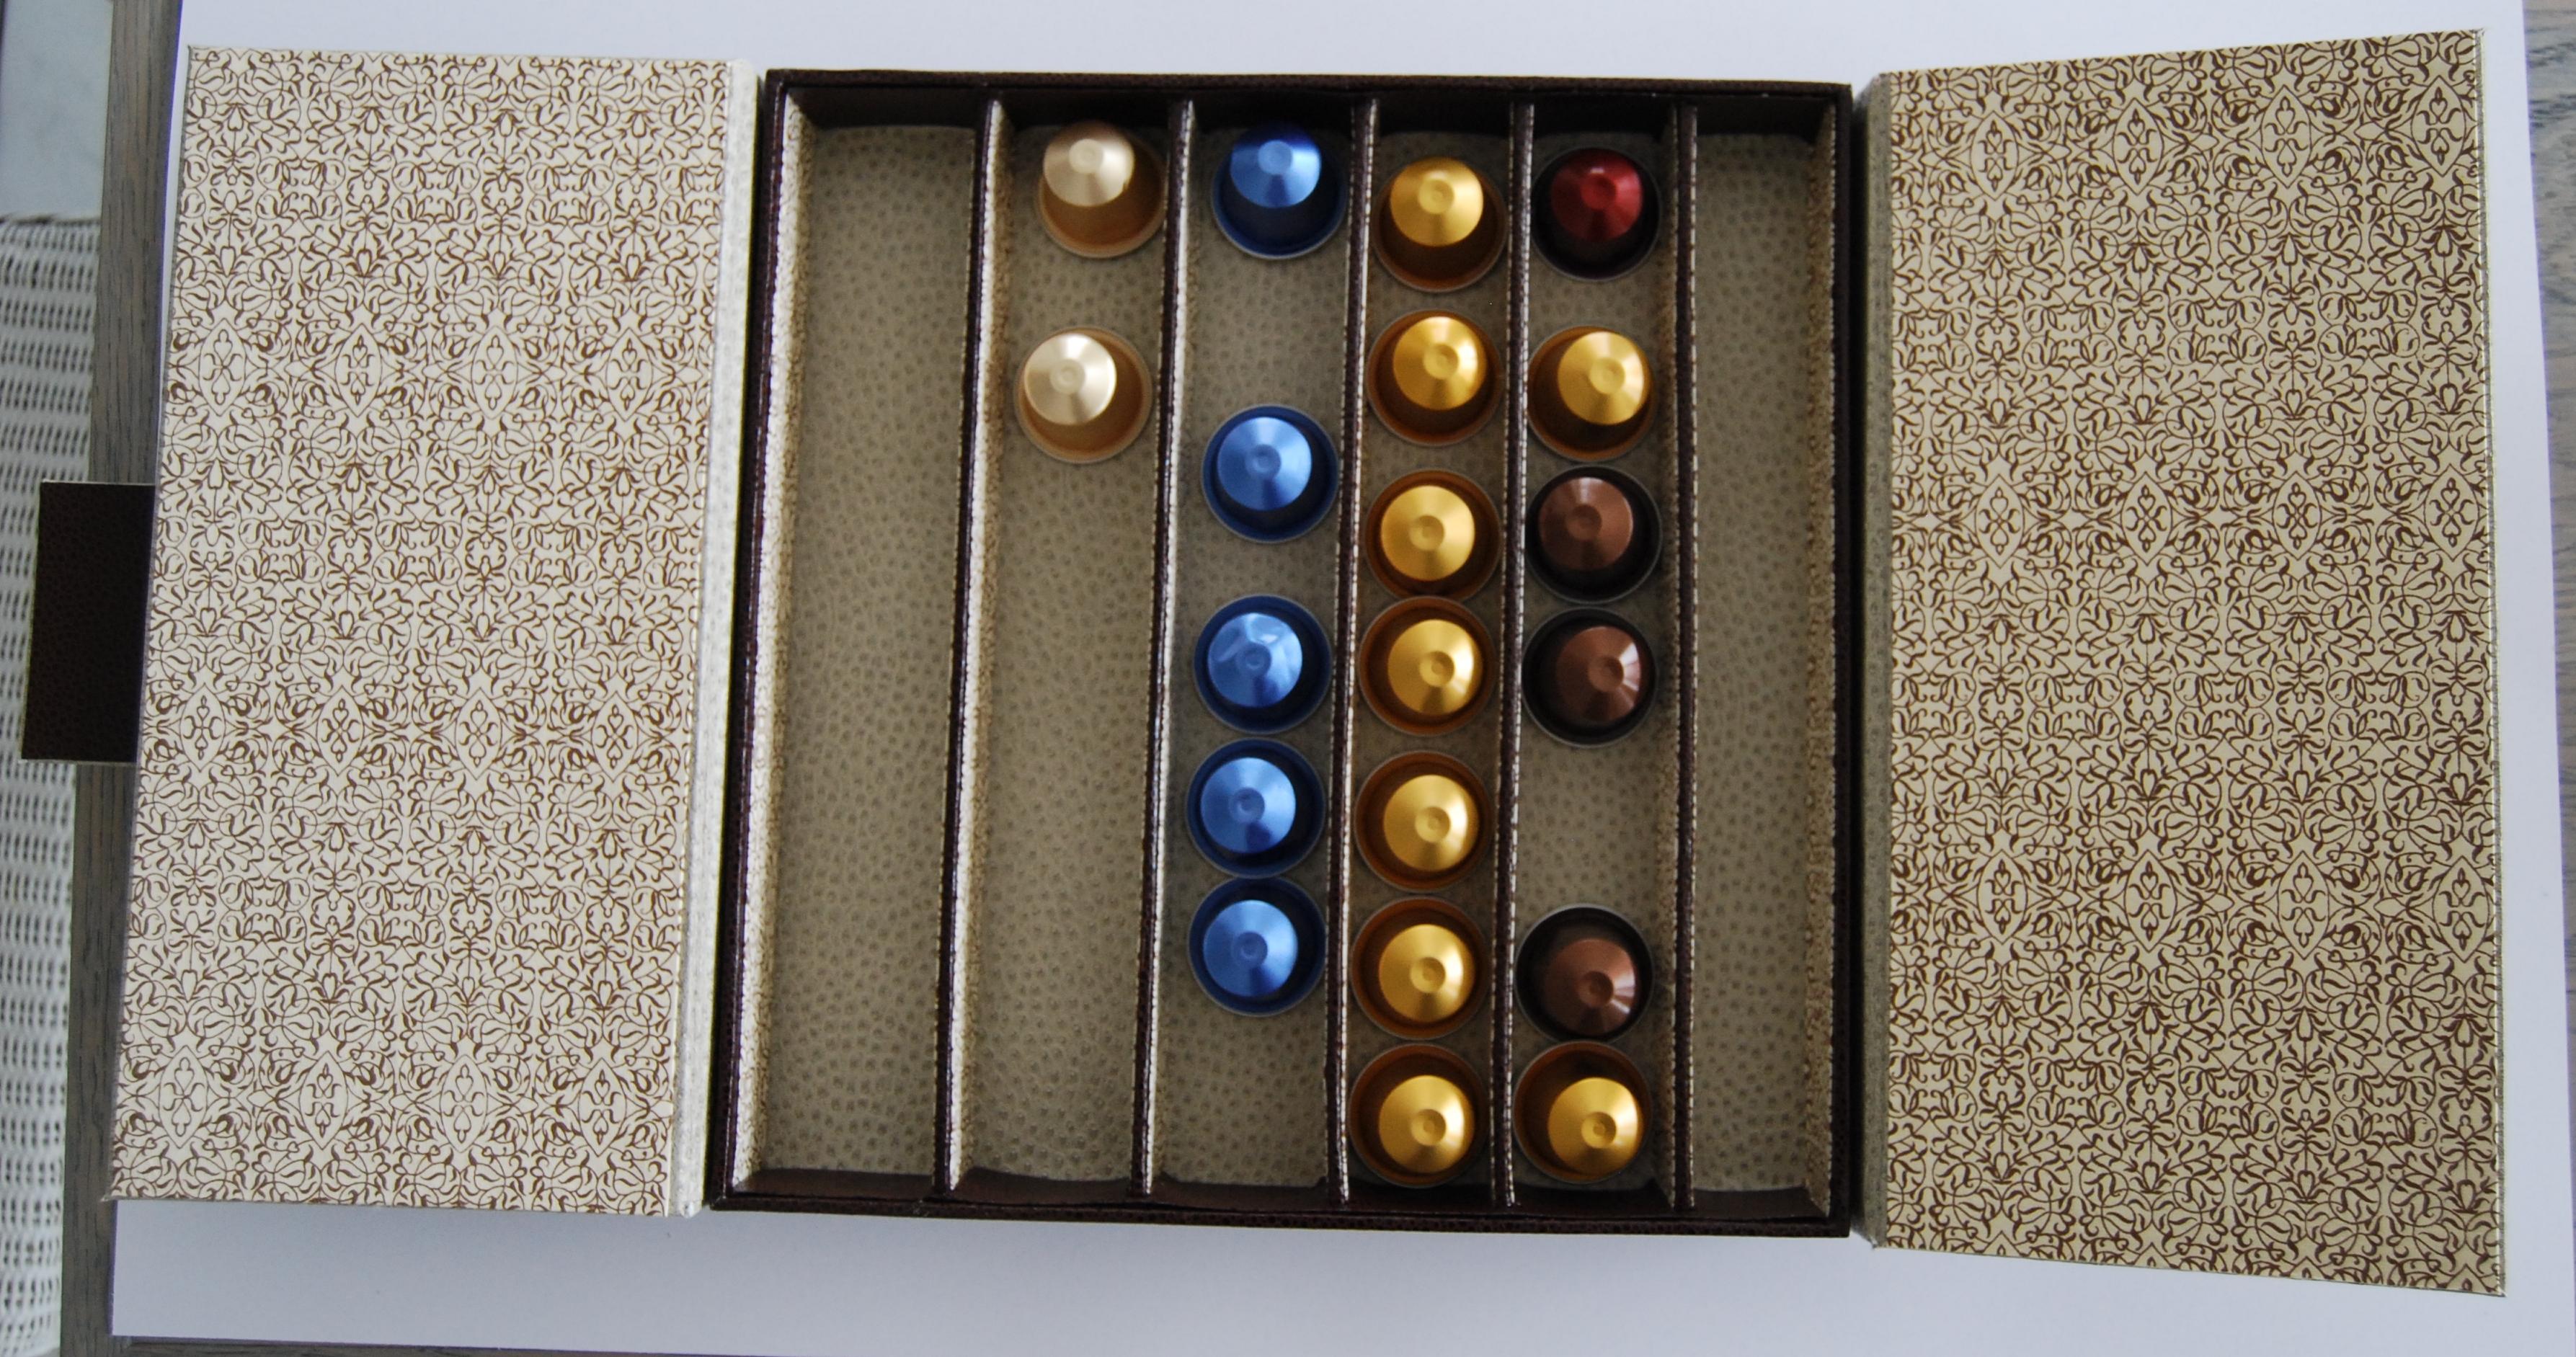 Boite capsules nespresso dominocrea - Boite capsule nespresso ...